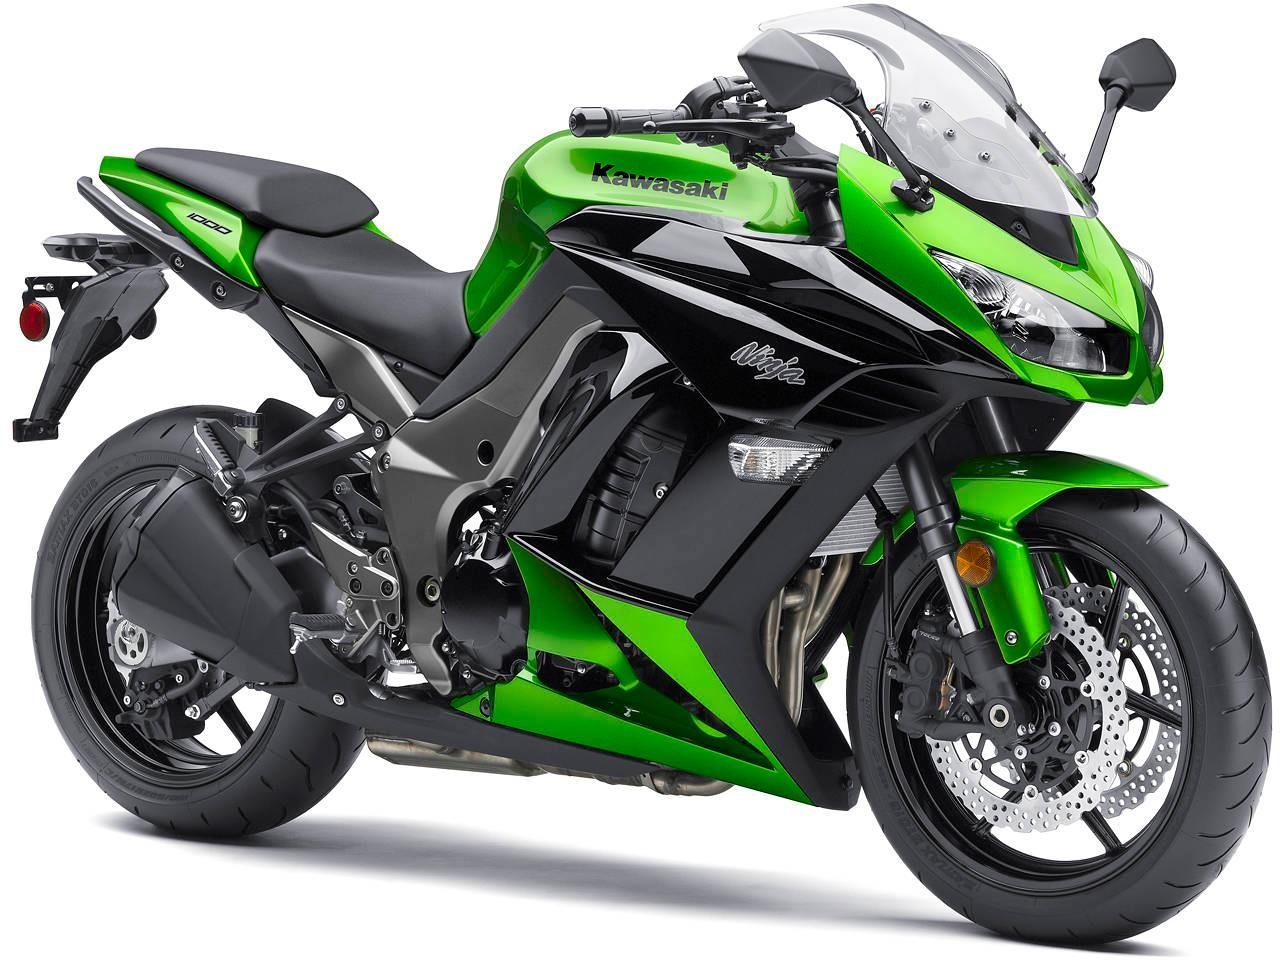 Pin by Simão Lagoá on Motorcycles Kawasaki motorcycles